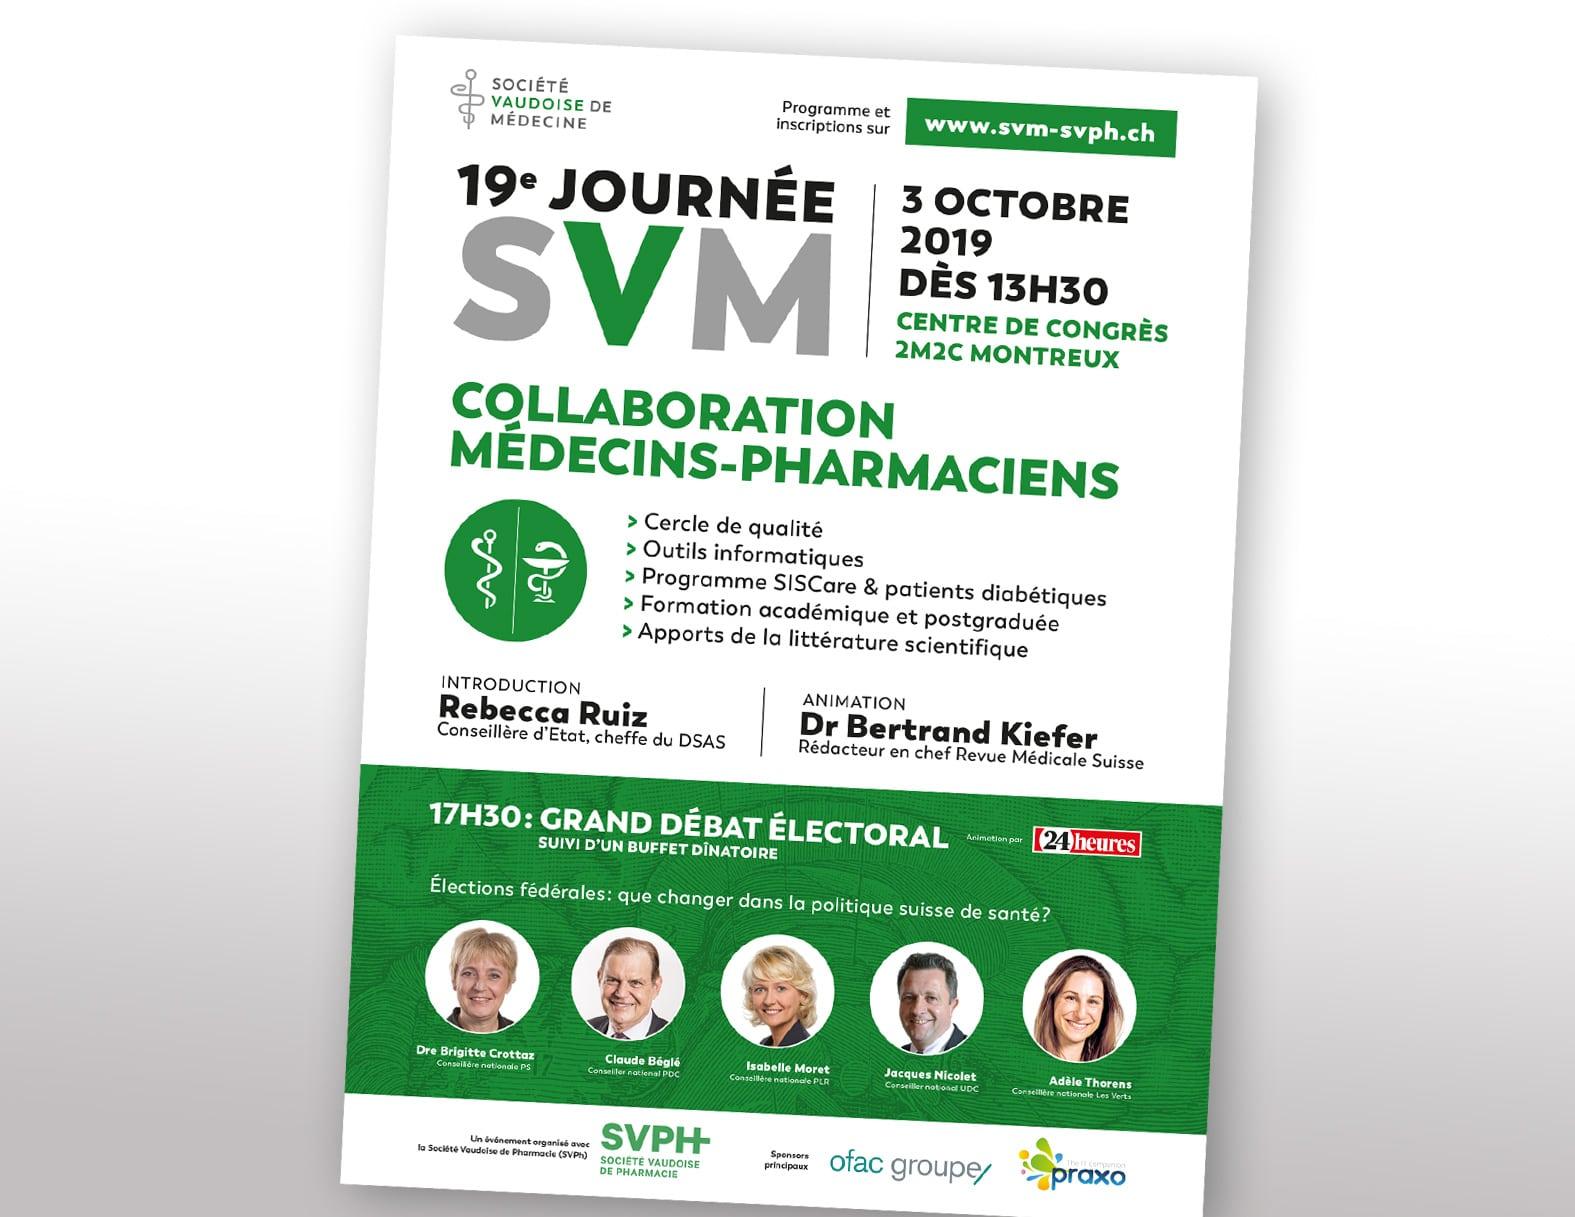 Société Vaudoise des Médecine – Communication de la journée SVM 2019, pour et avec ftc communication - Haymoz design